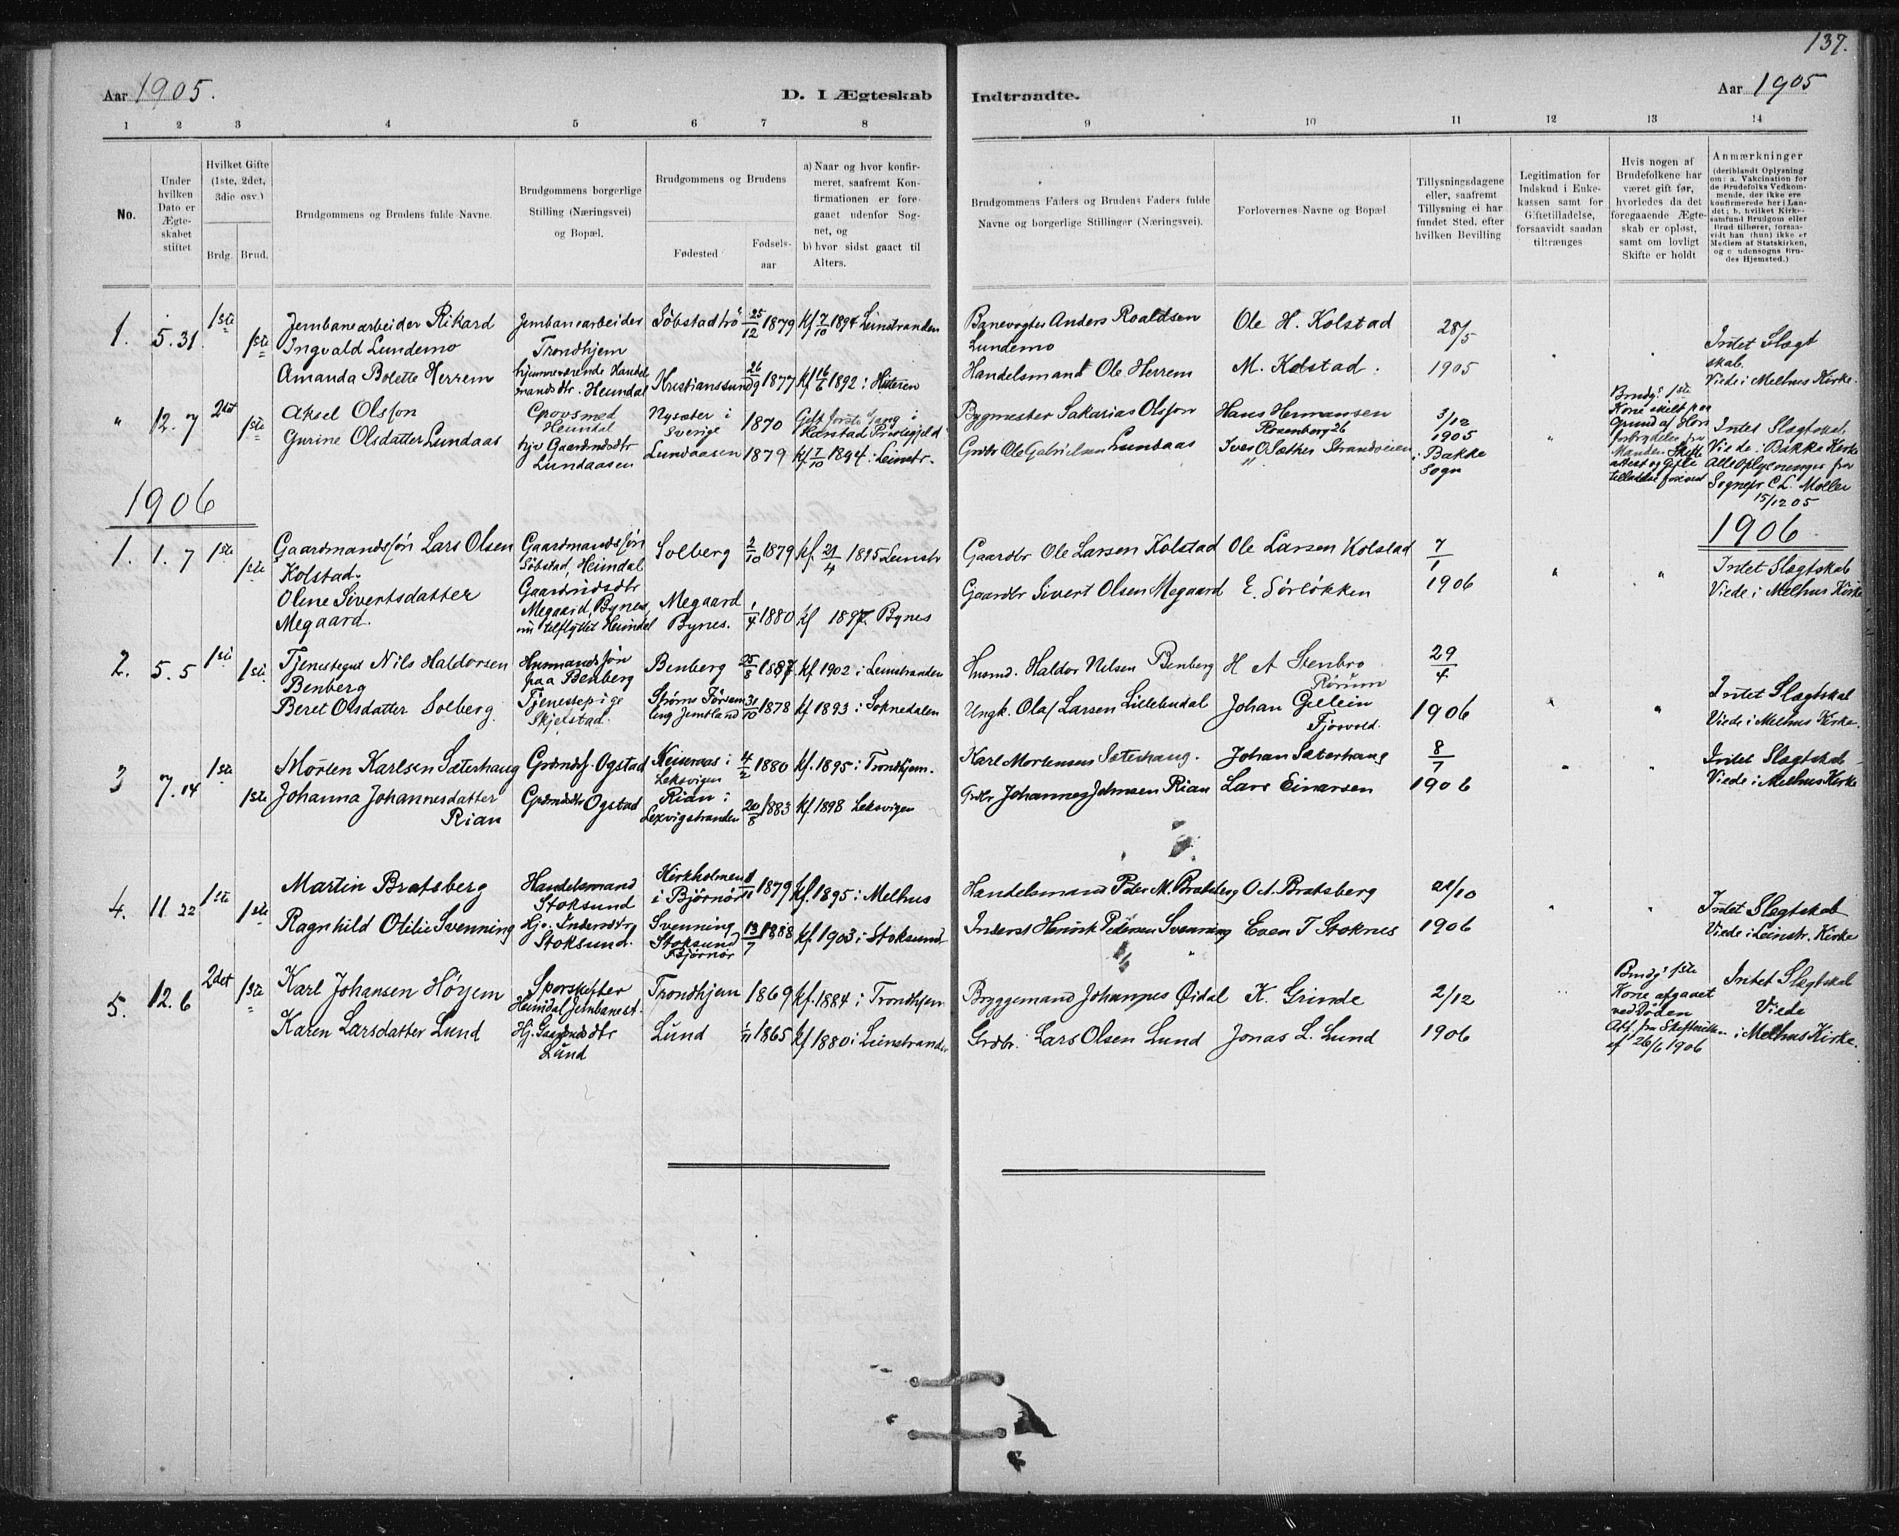 SAT, Ministerialprotokoller, klokkerbøker og fødselsregistre - Sør-Trøndelag, 613/L0392: Ministerialbok nr. 613A01, 1887-1906, s. 137